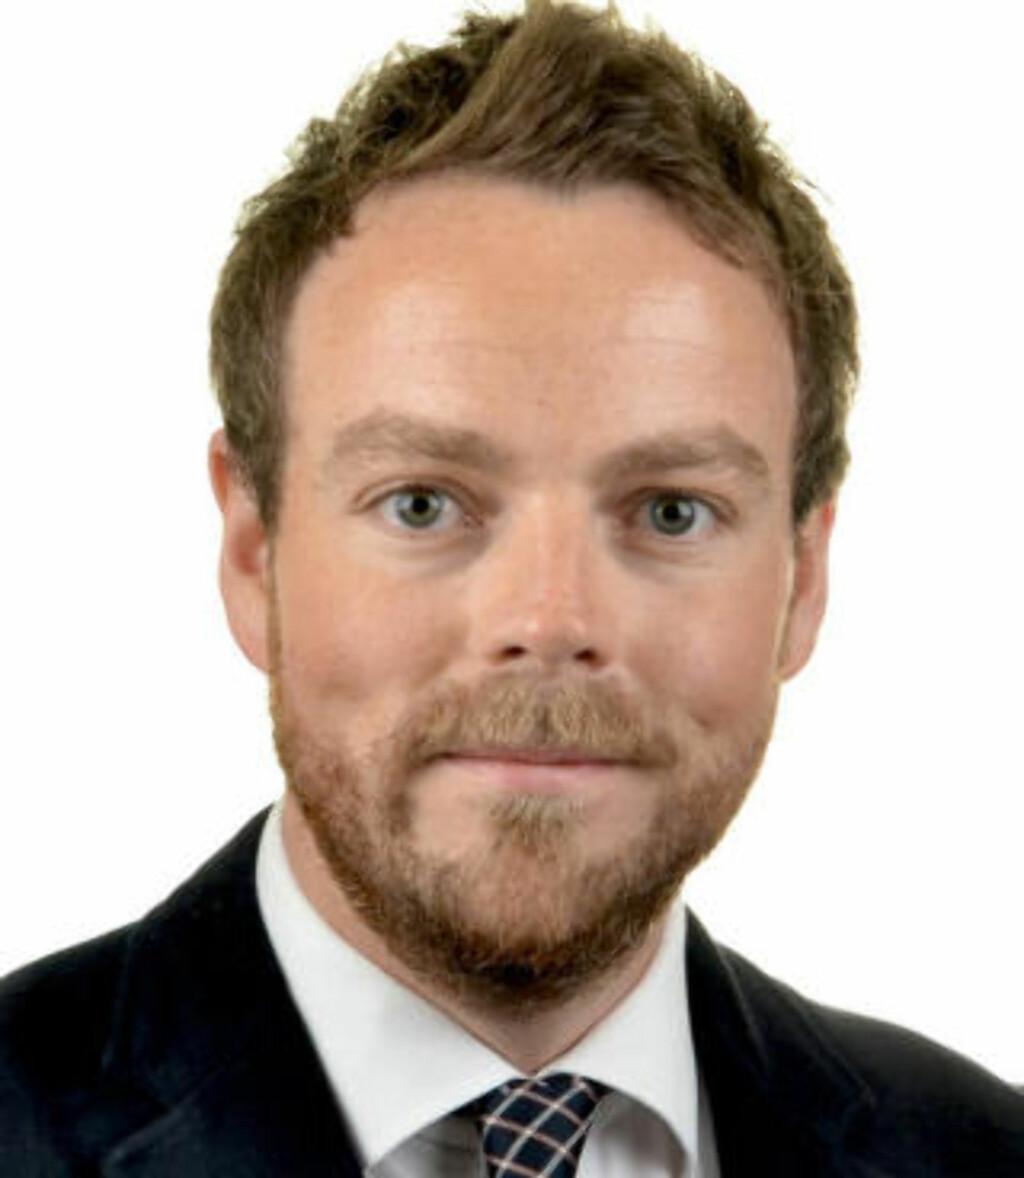 KRONIKKFORFATTER:  Torbjørn Røe Isaksen, arbeids- og sosialpolitisk talsmann i Høyre